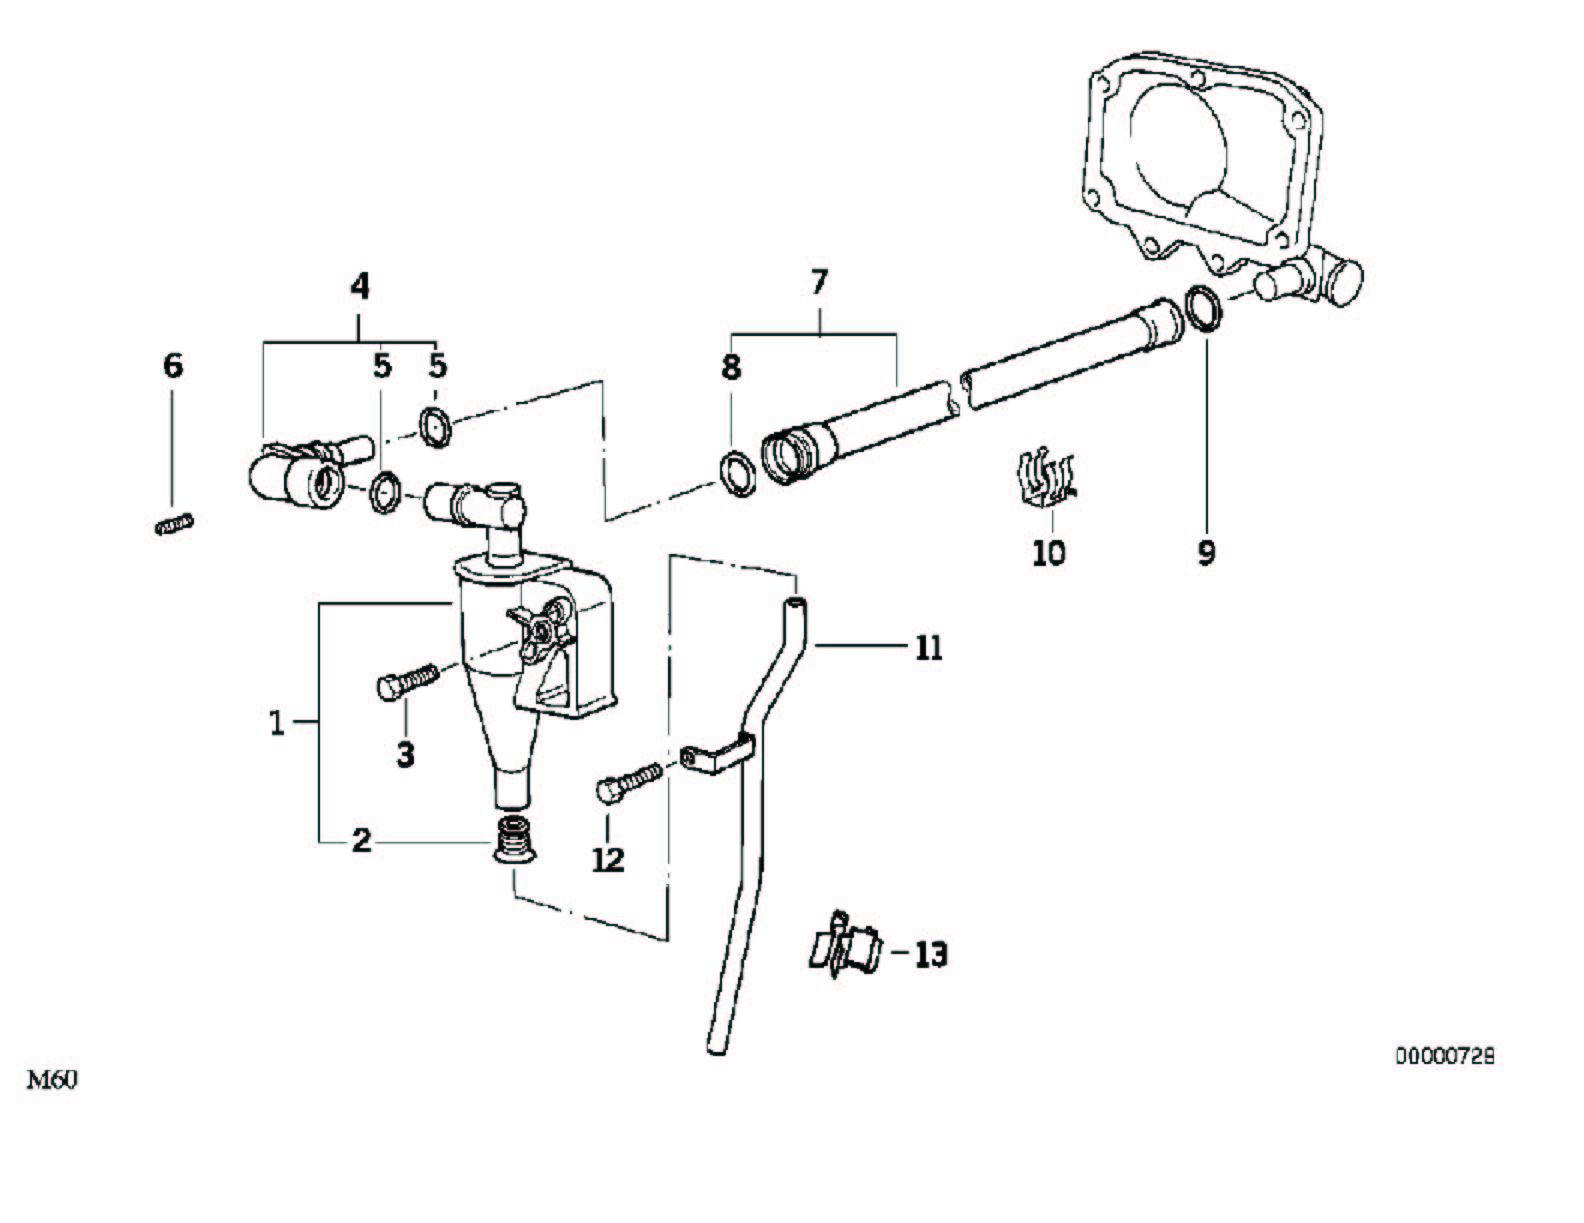 2008 Bmw 335i Fuse Box Diagram Auto Electrical Wiring Sedan